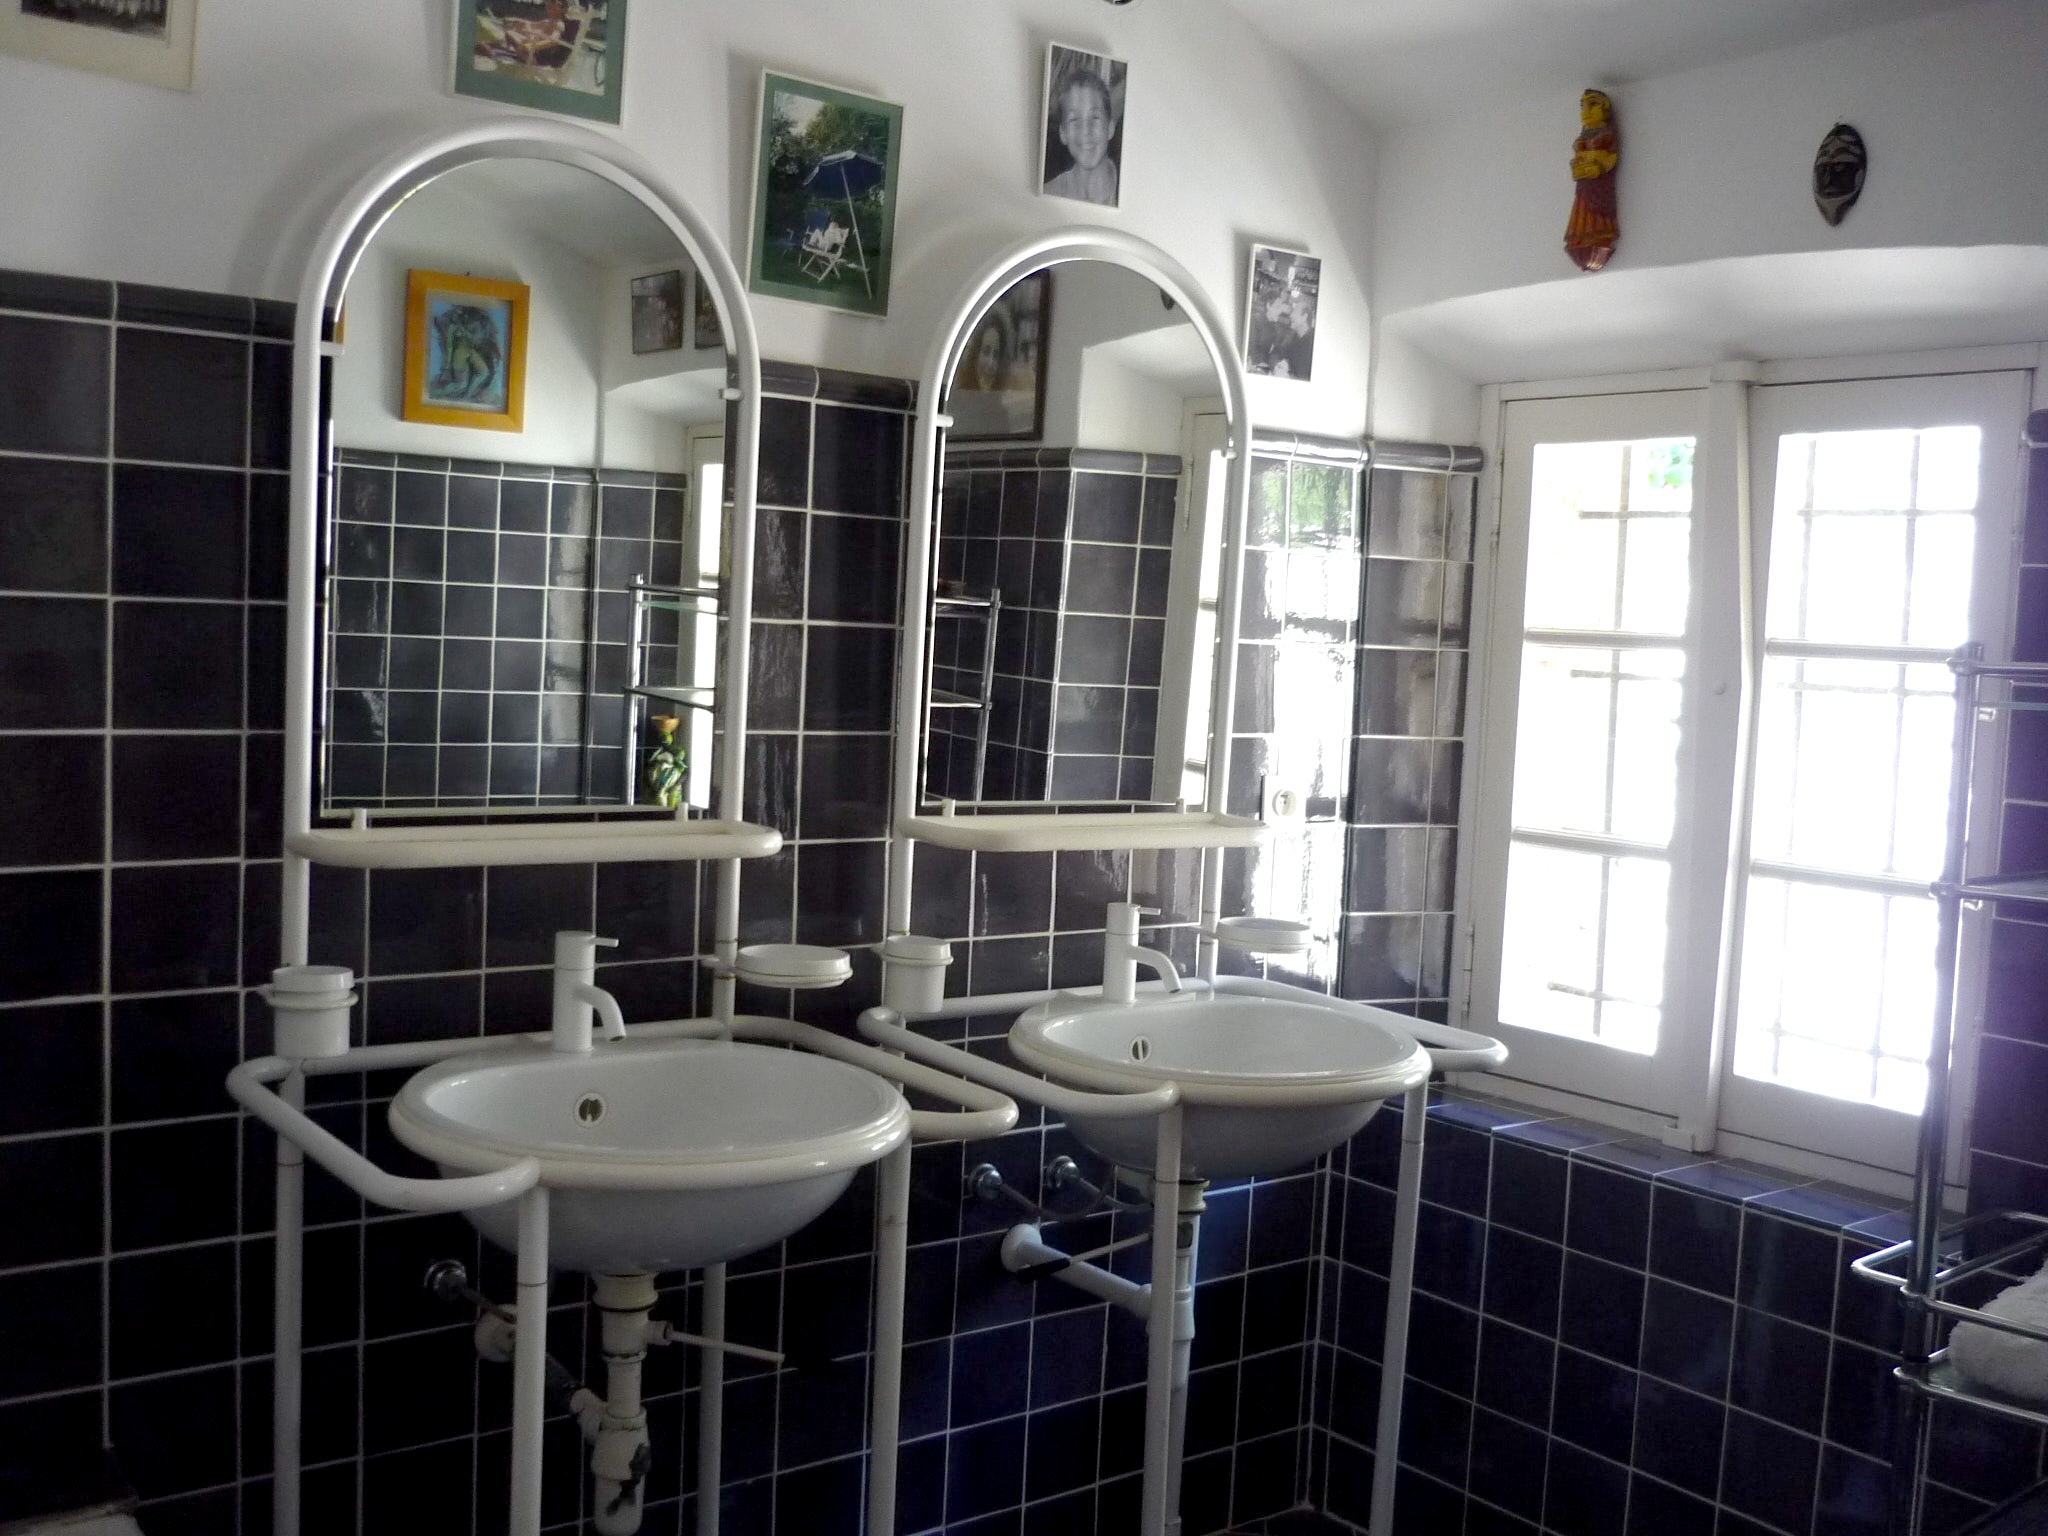 Maison de vacances Villa mit 5 Zimmern in La Garde-Freinet mit privatem Pool, Garten und W-LAN - 20 km vom St (2339879), La Garde Freinet, Côte d'Azur, Provence - Alpes - Côte d'Azur, France, image 23